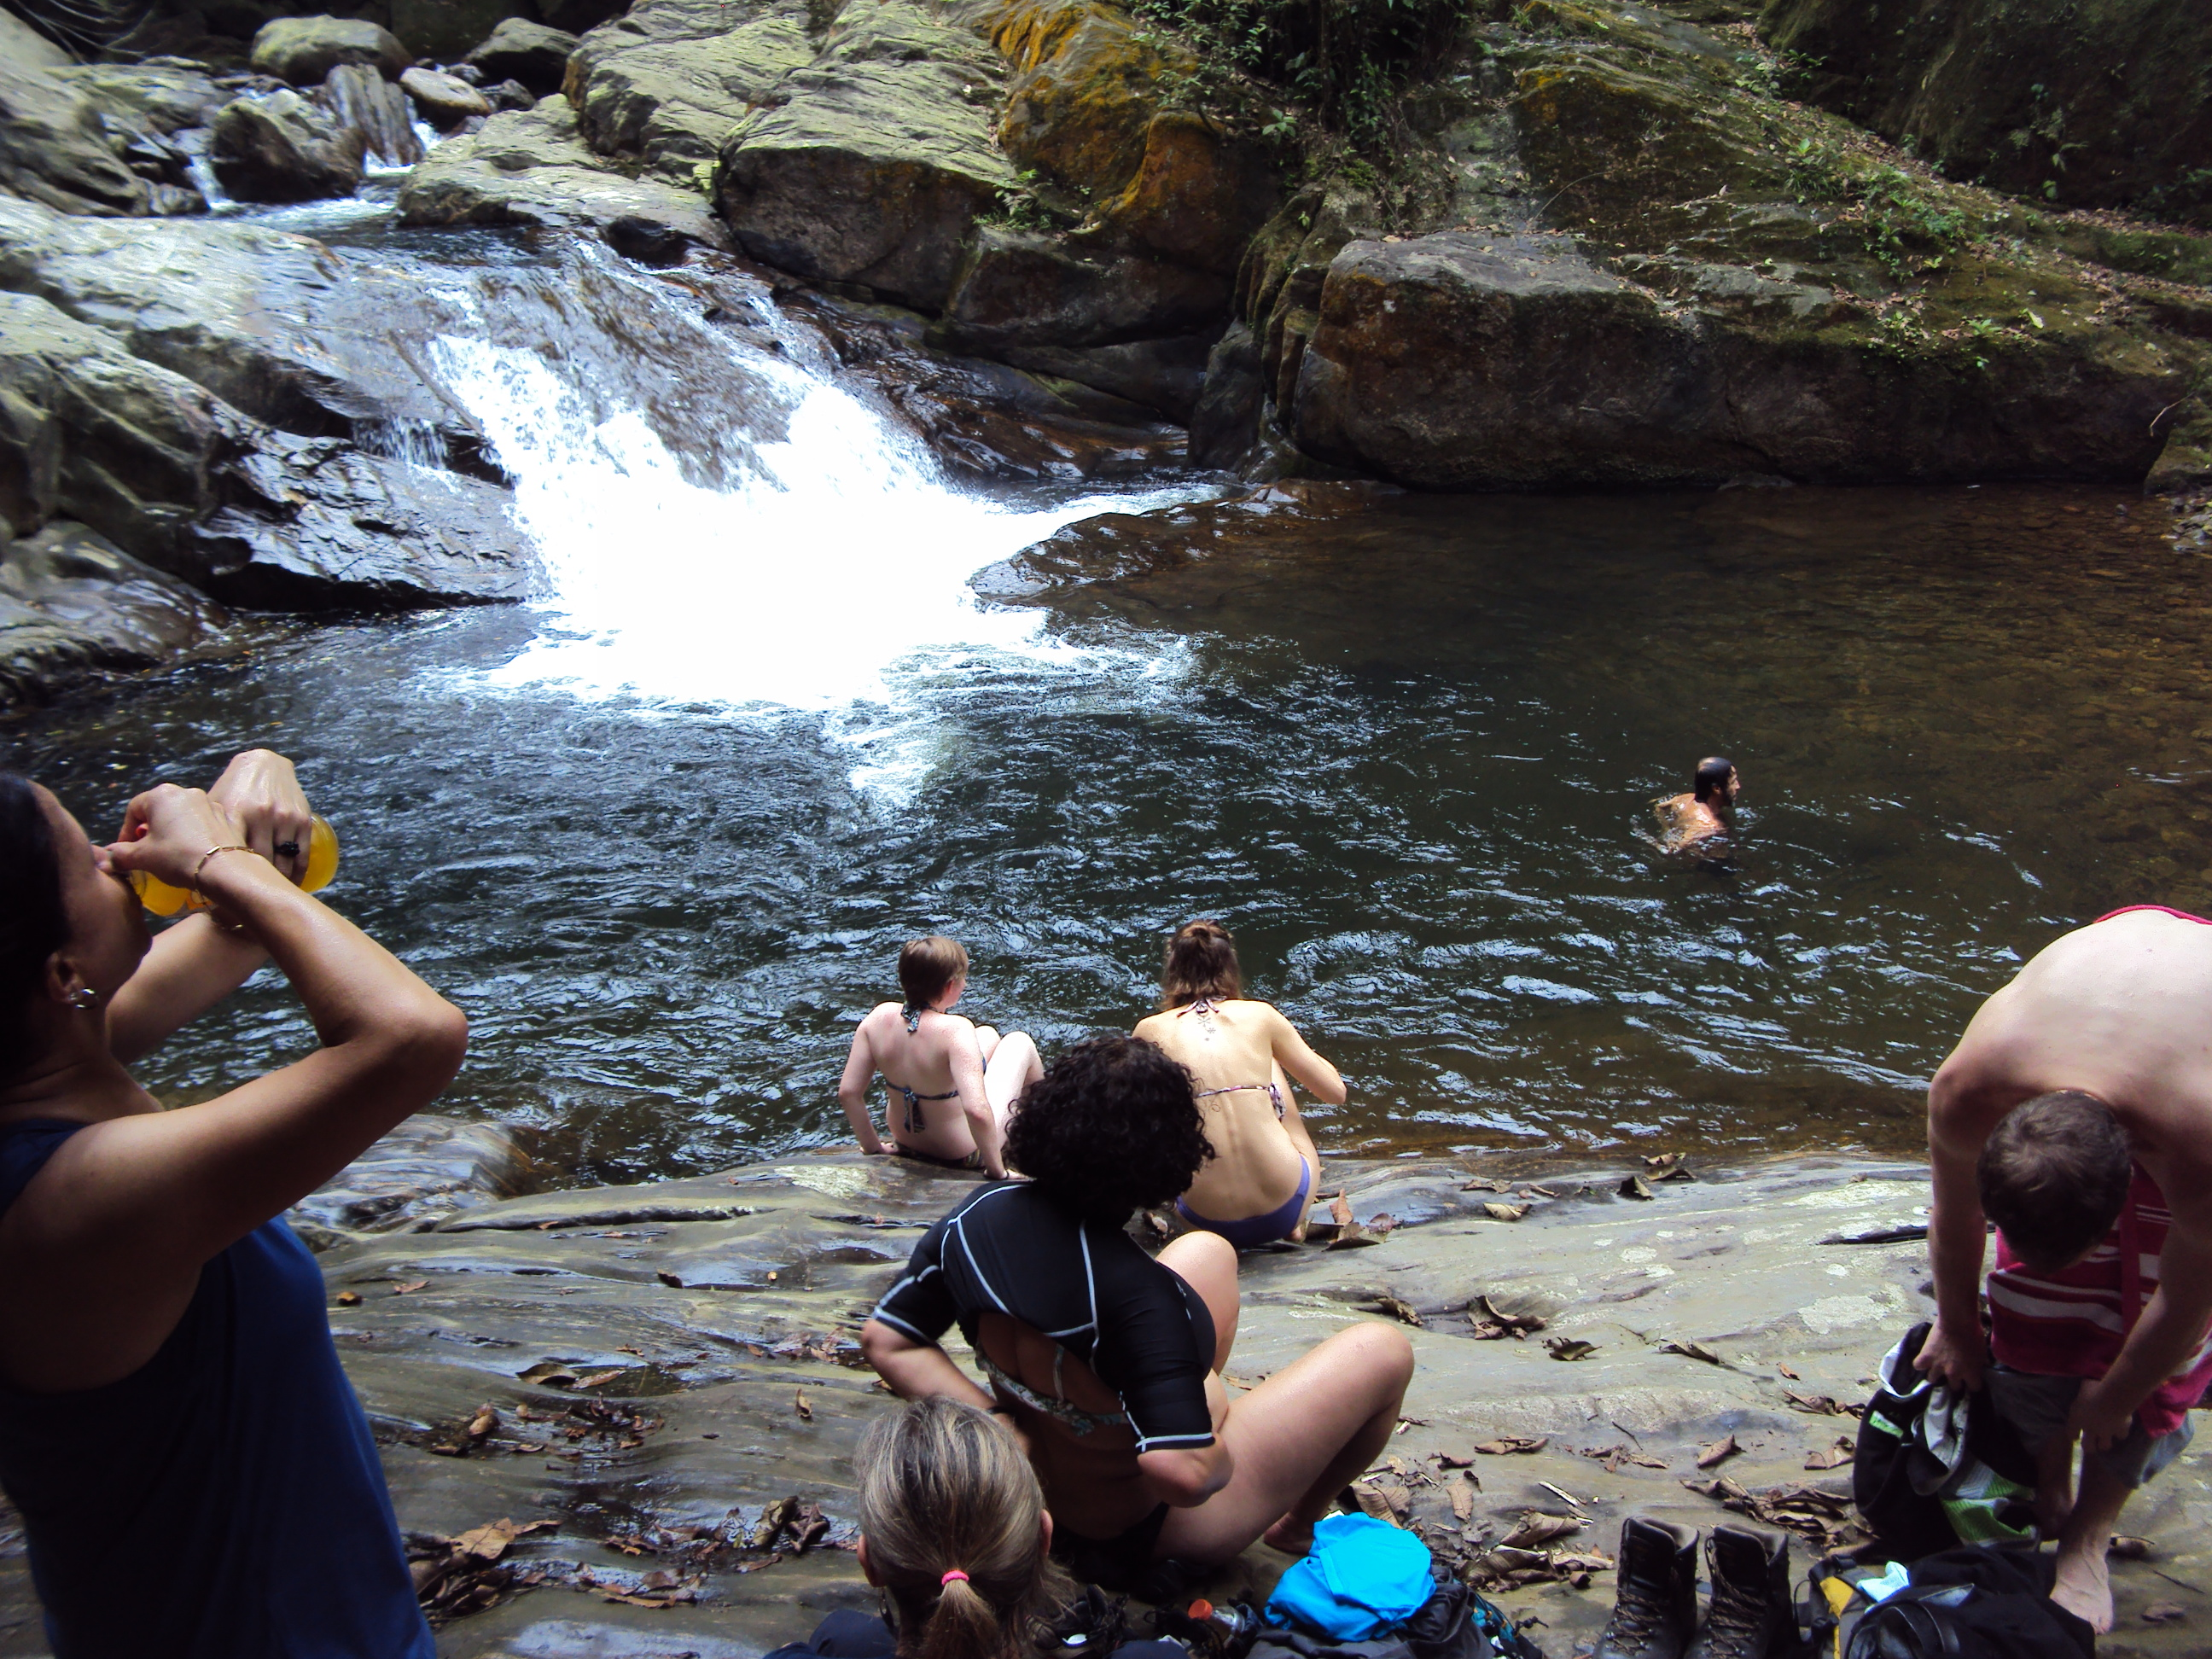 Vale das cachoeiras novembro 2014 021.jpg